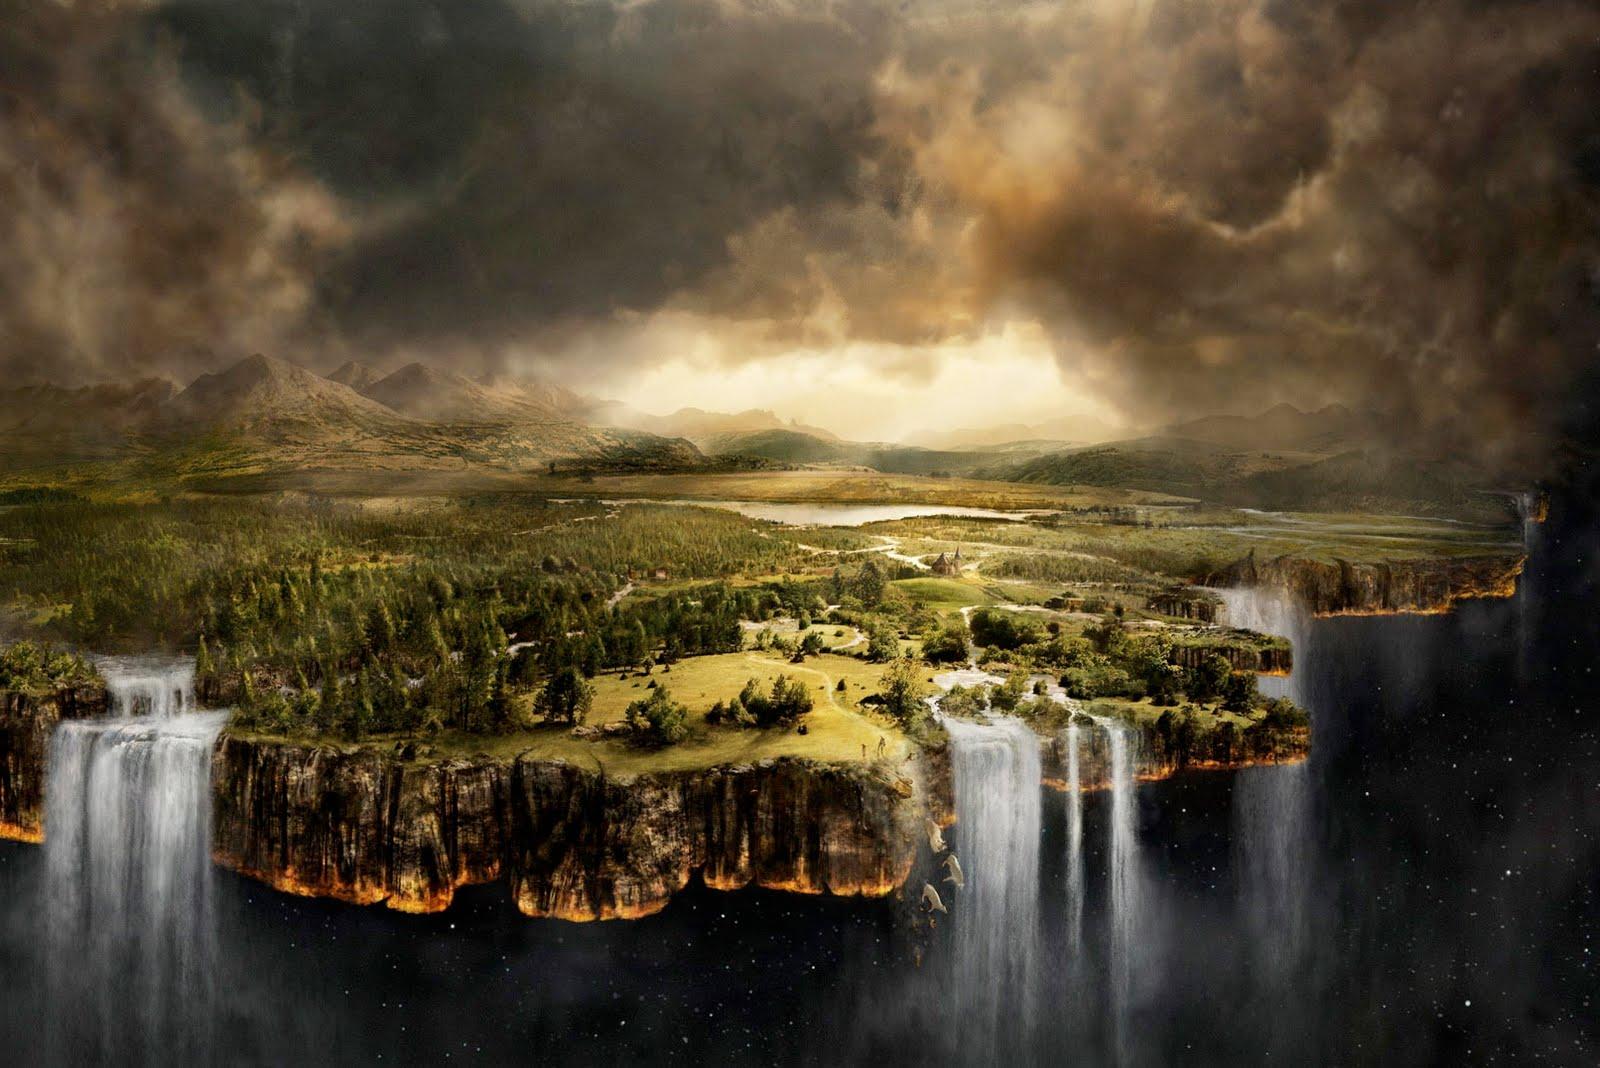 Fantasy 3D   Nature Wallpaper Hd Desktop Wallpaper 1600x1068